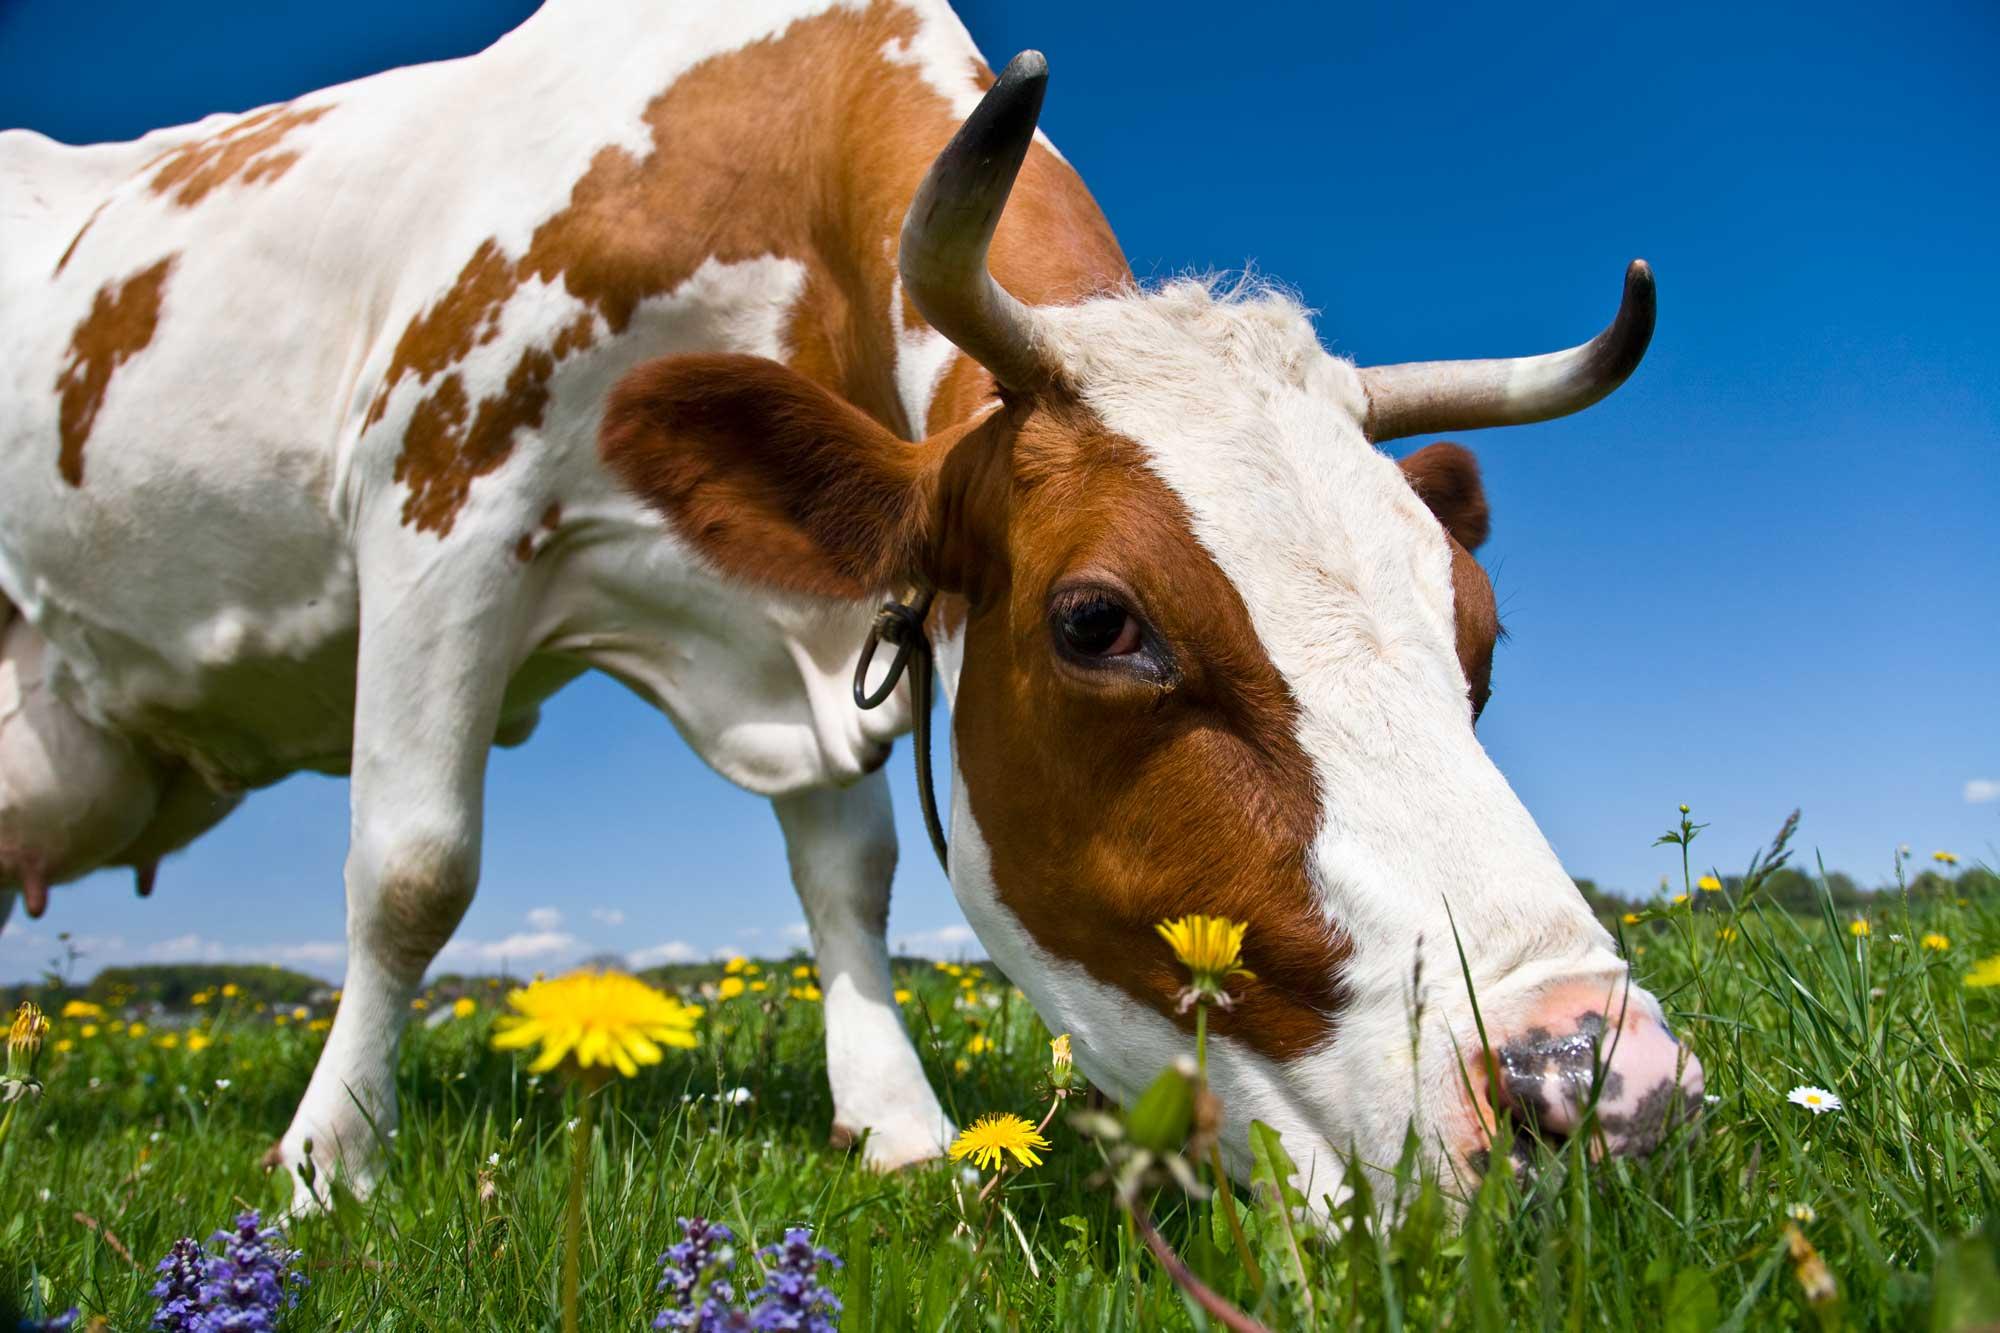 Danskerne er vilde med økologisk ost. Læs, hvor meget ost vi spiser til aftensmad, og hvor mange procent økologisk ost vi spiser i Danmark.